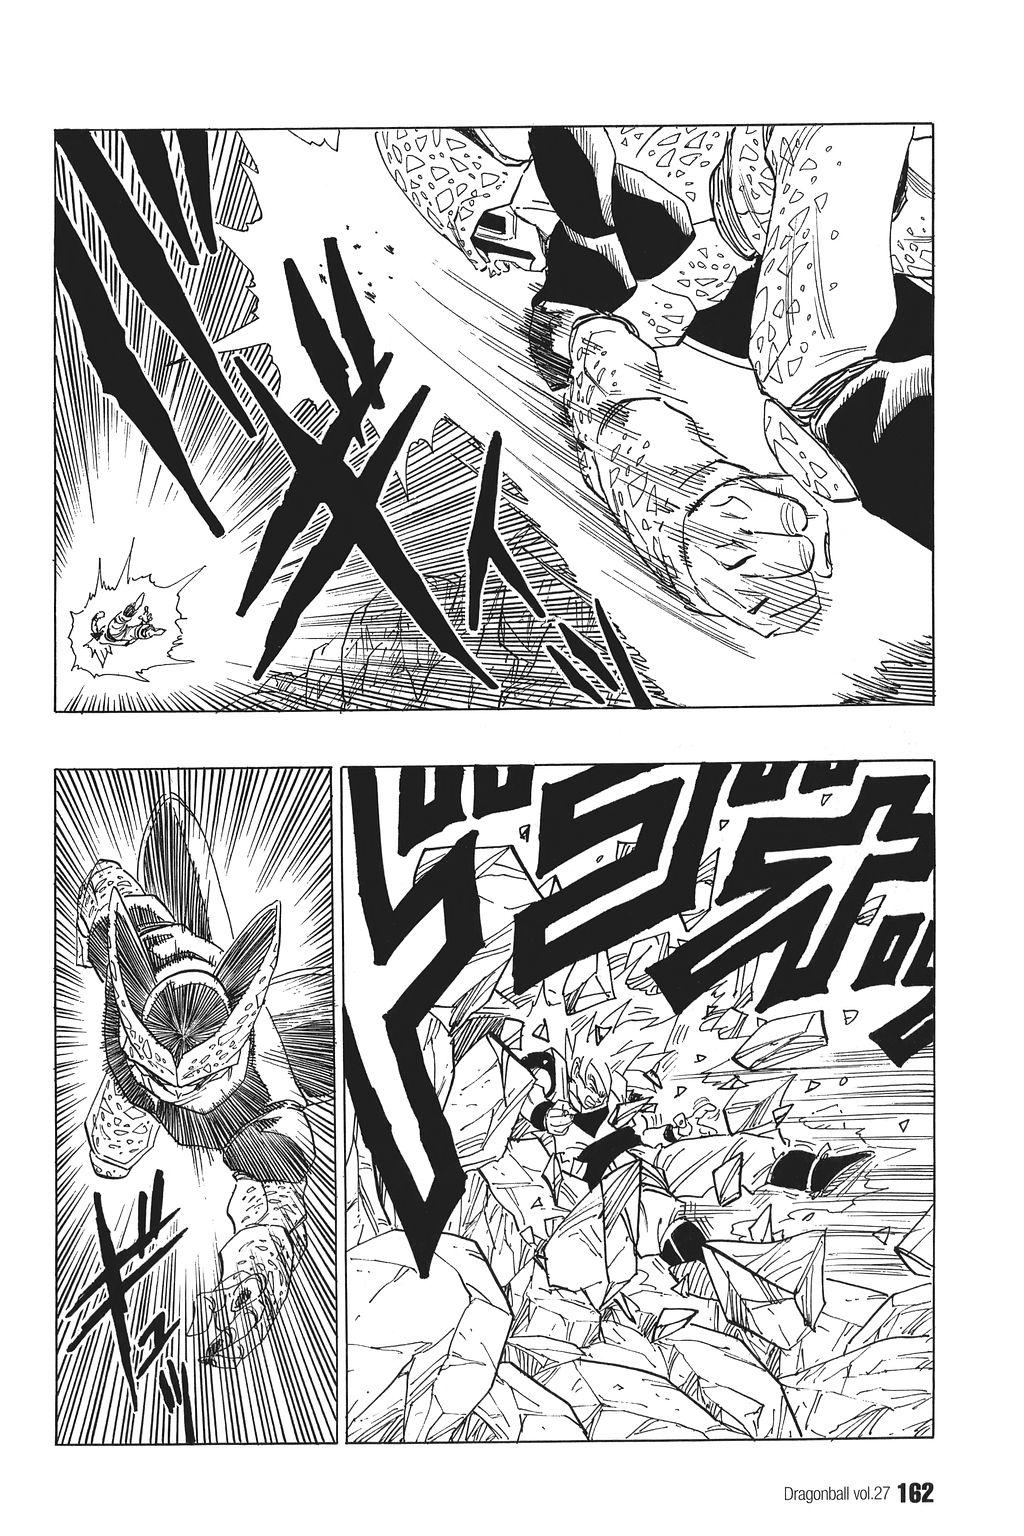 xem truyen moi - Dragon Ball Bản Vip - Bản Đẹp Nguyên Gốc Chap 402